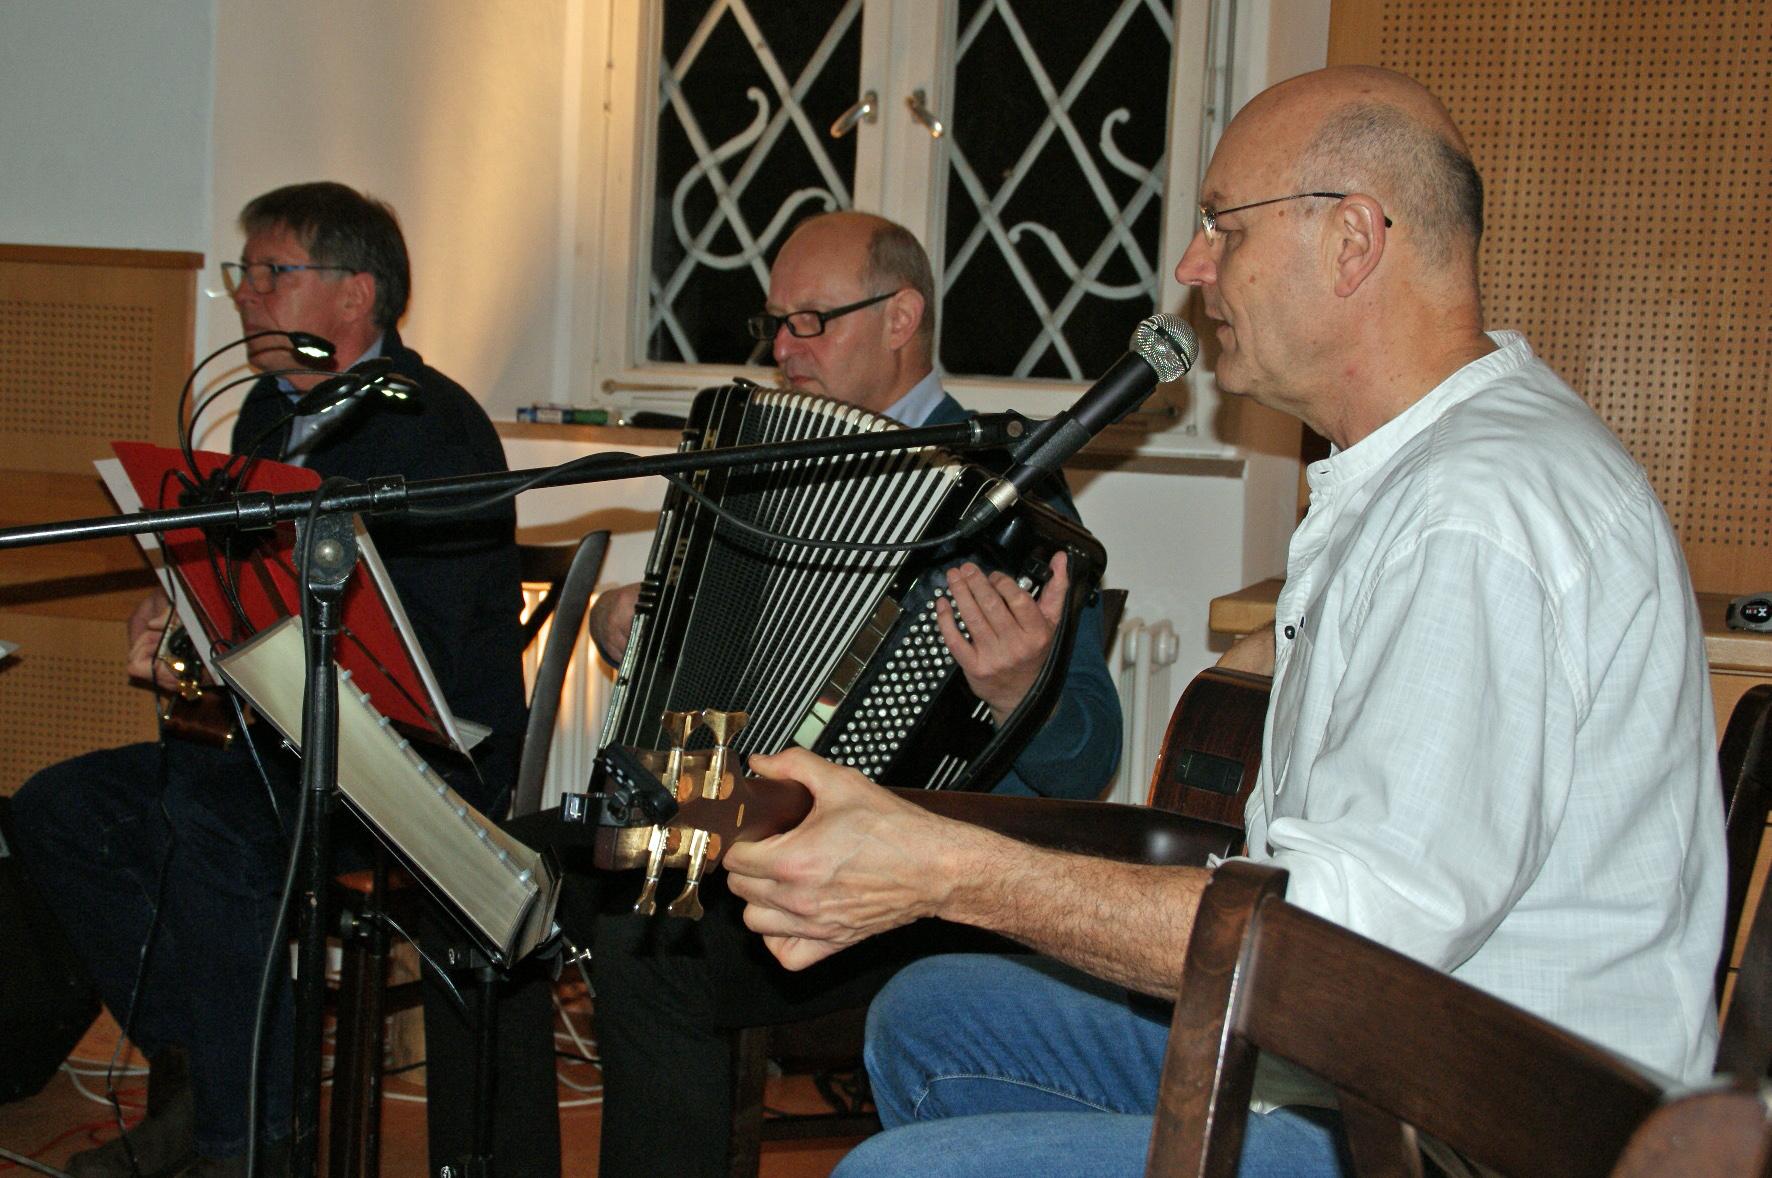 In Hochform im Kloster Ensdorf: Unverdorben-Musiker Jürgen Zach (Bass), Franz Schöberl (Akkordeon) und Klaus Götze (Gitarre).